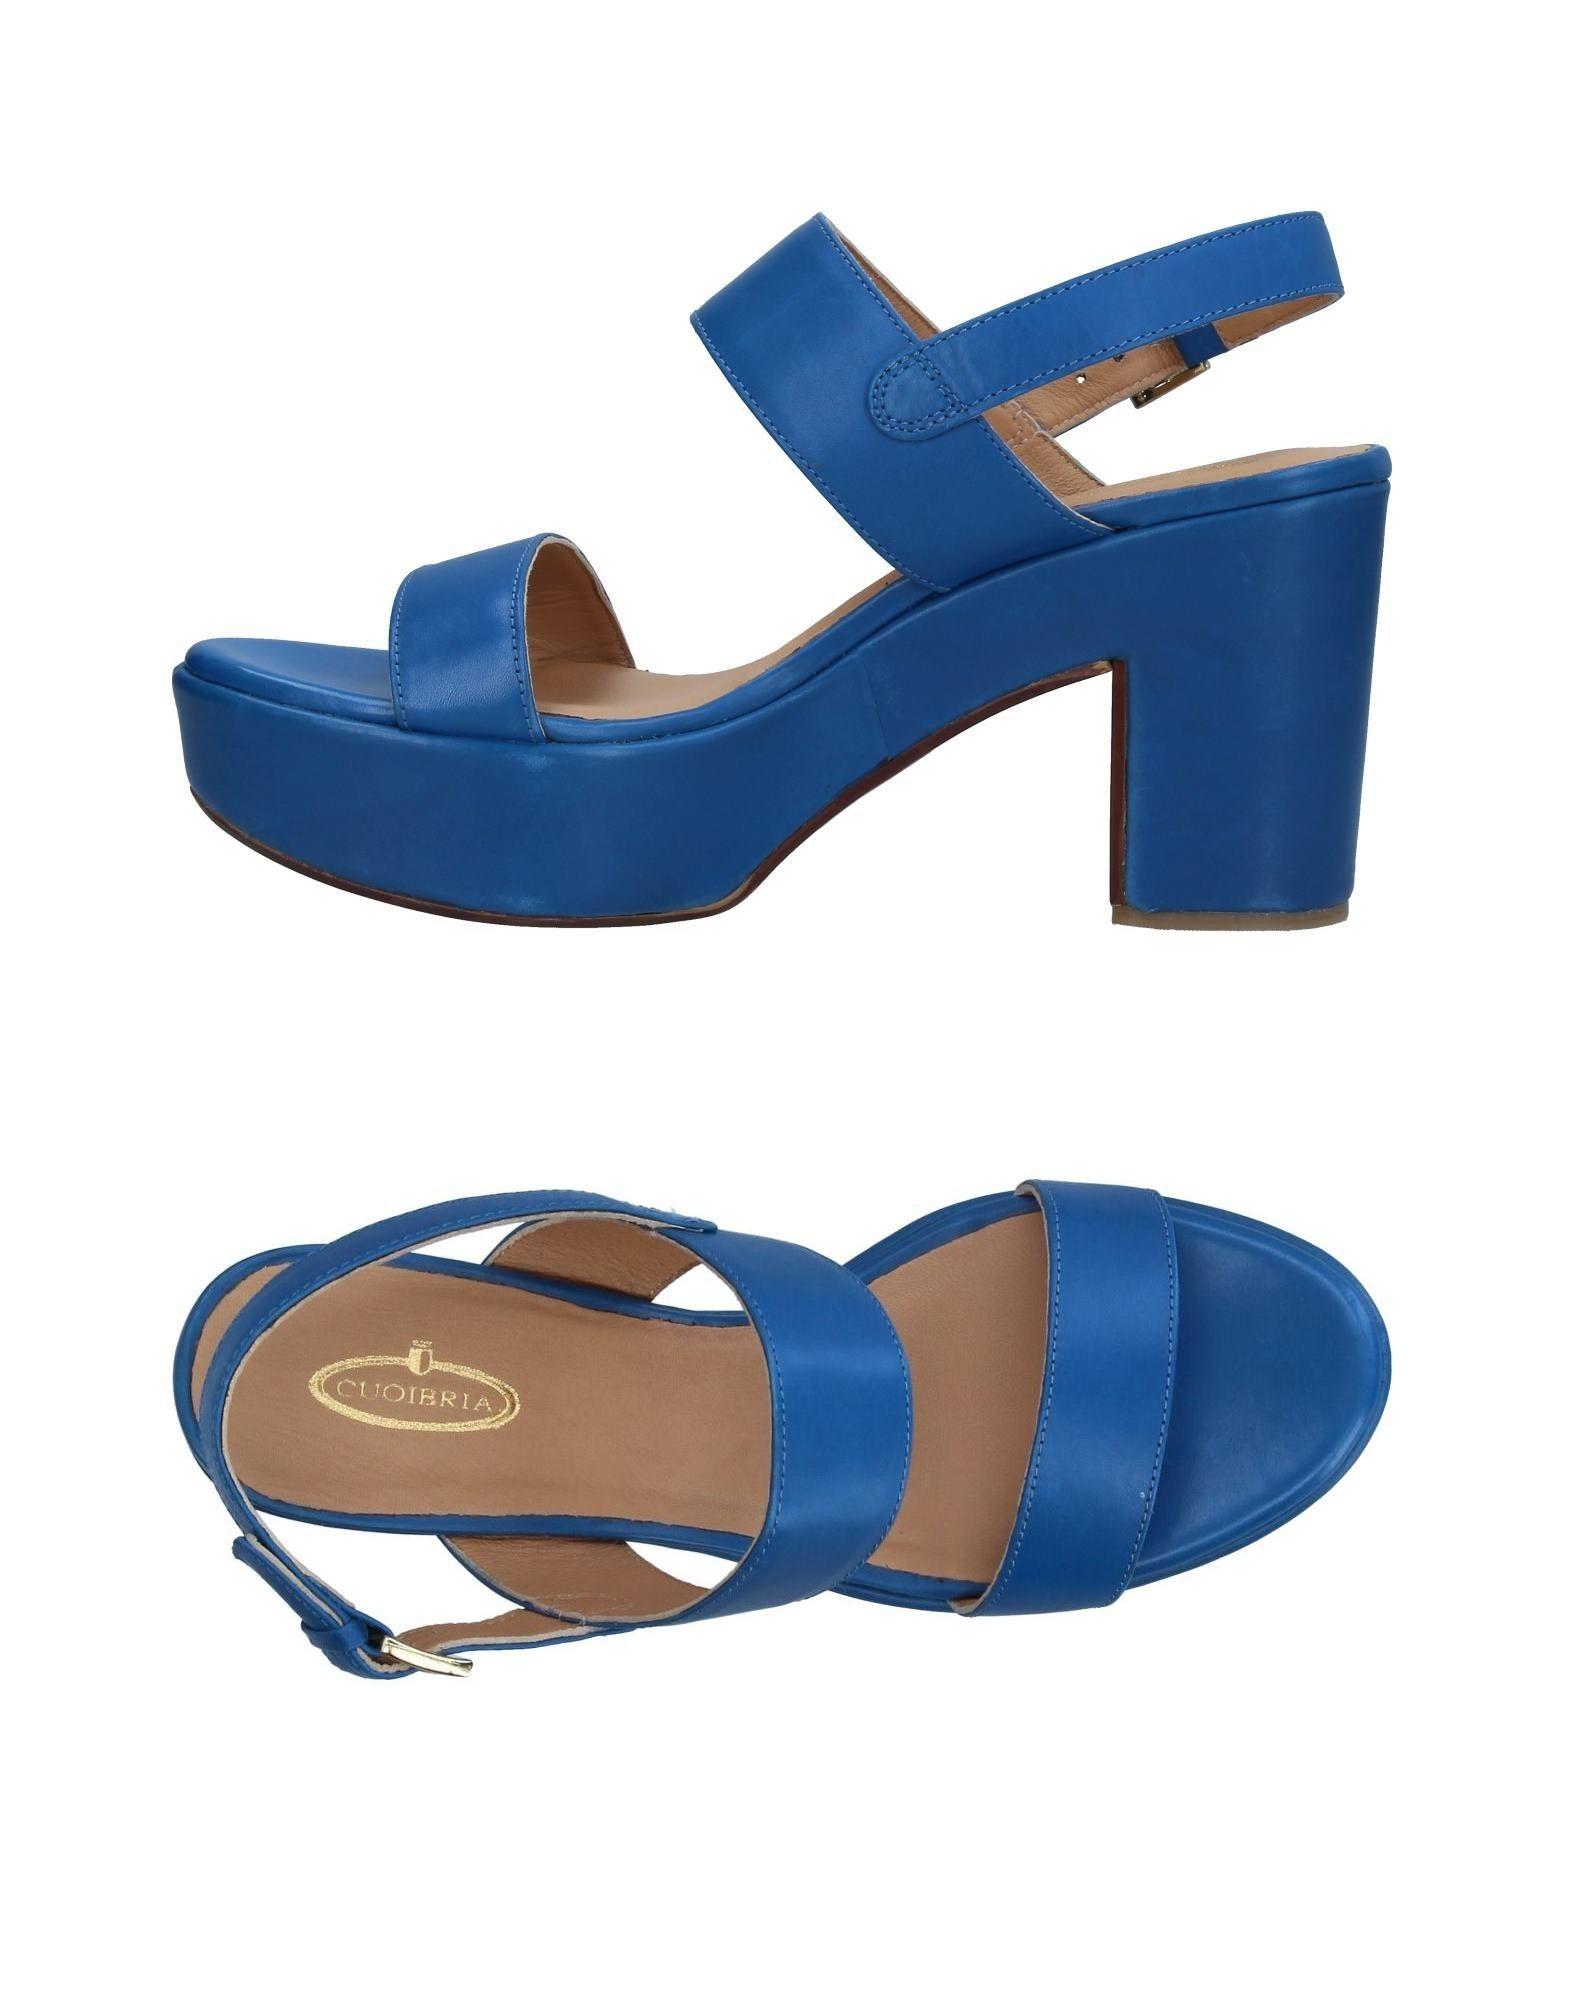 Moda Sandali Cuoieria - Donna - Cuoieria 11360386UN 440f80